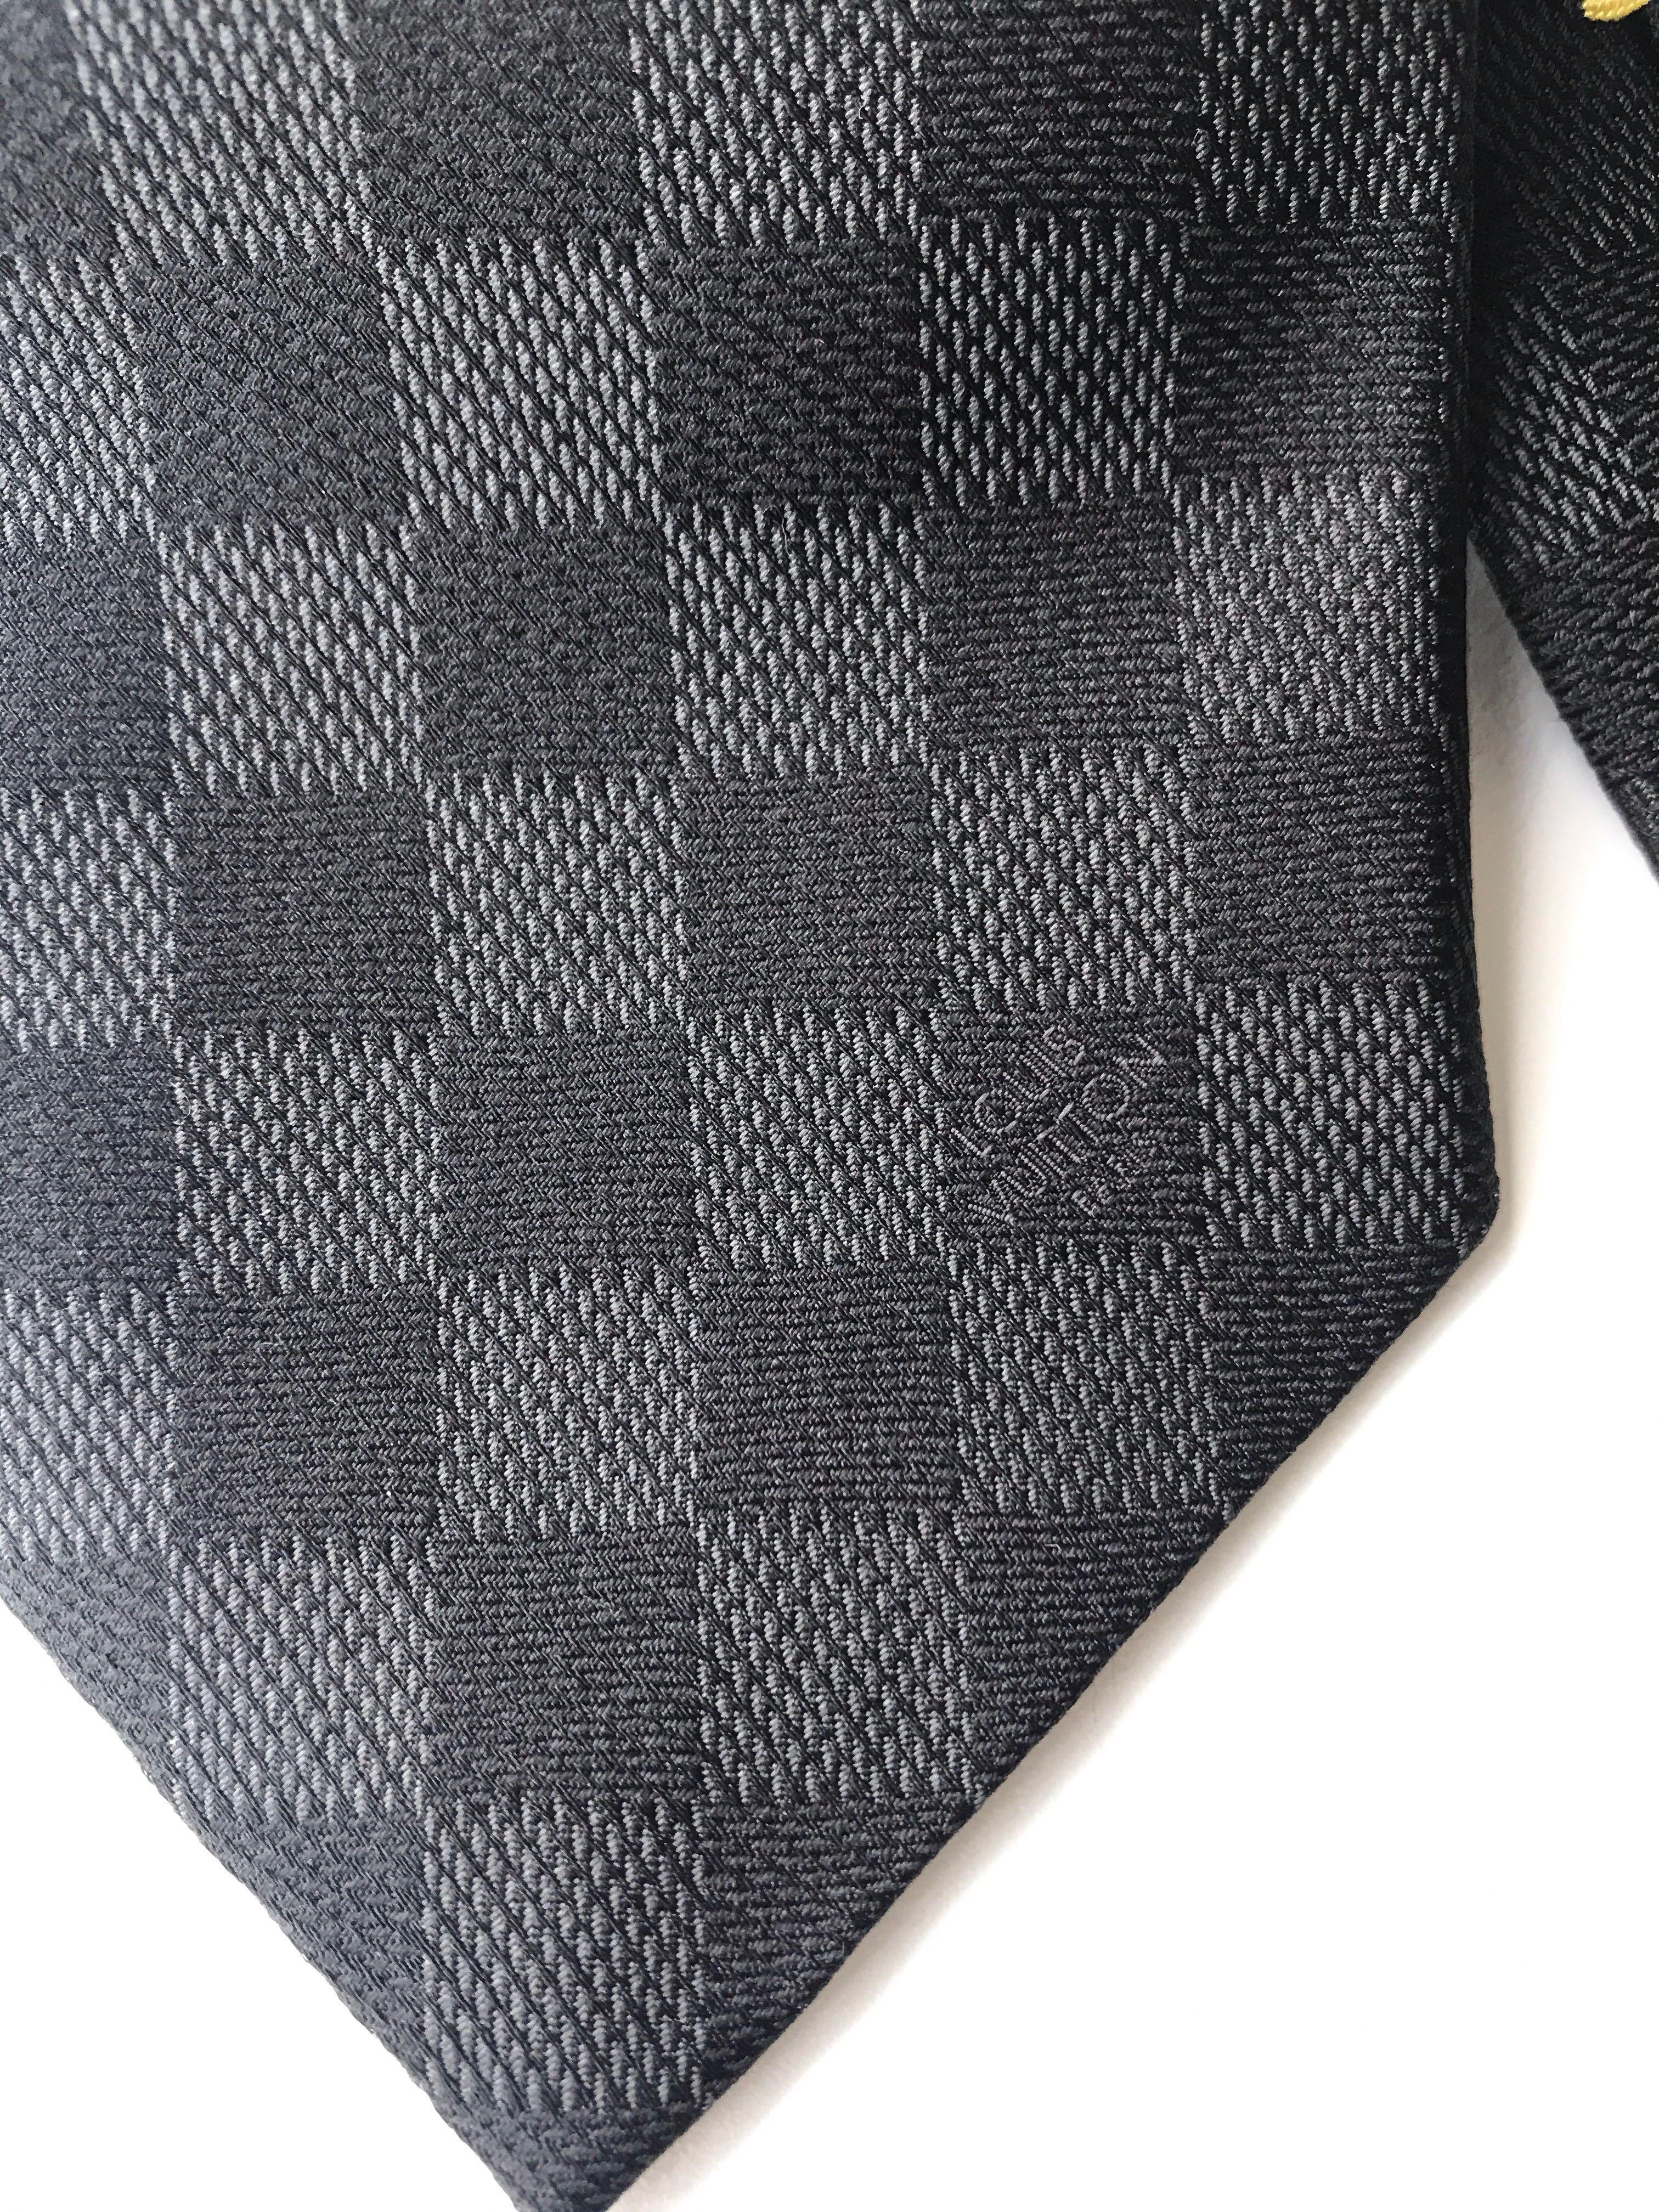 38f05cc65fc3 Authentic Louis Vuitton Damier Classique Tie